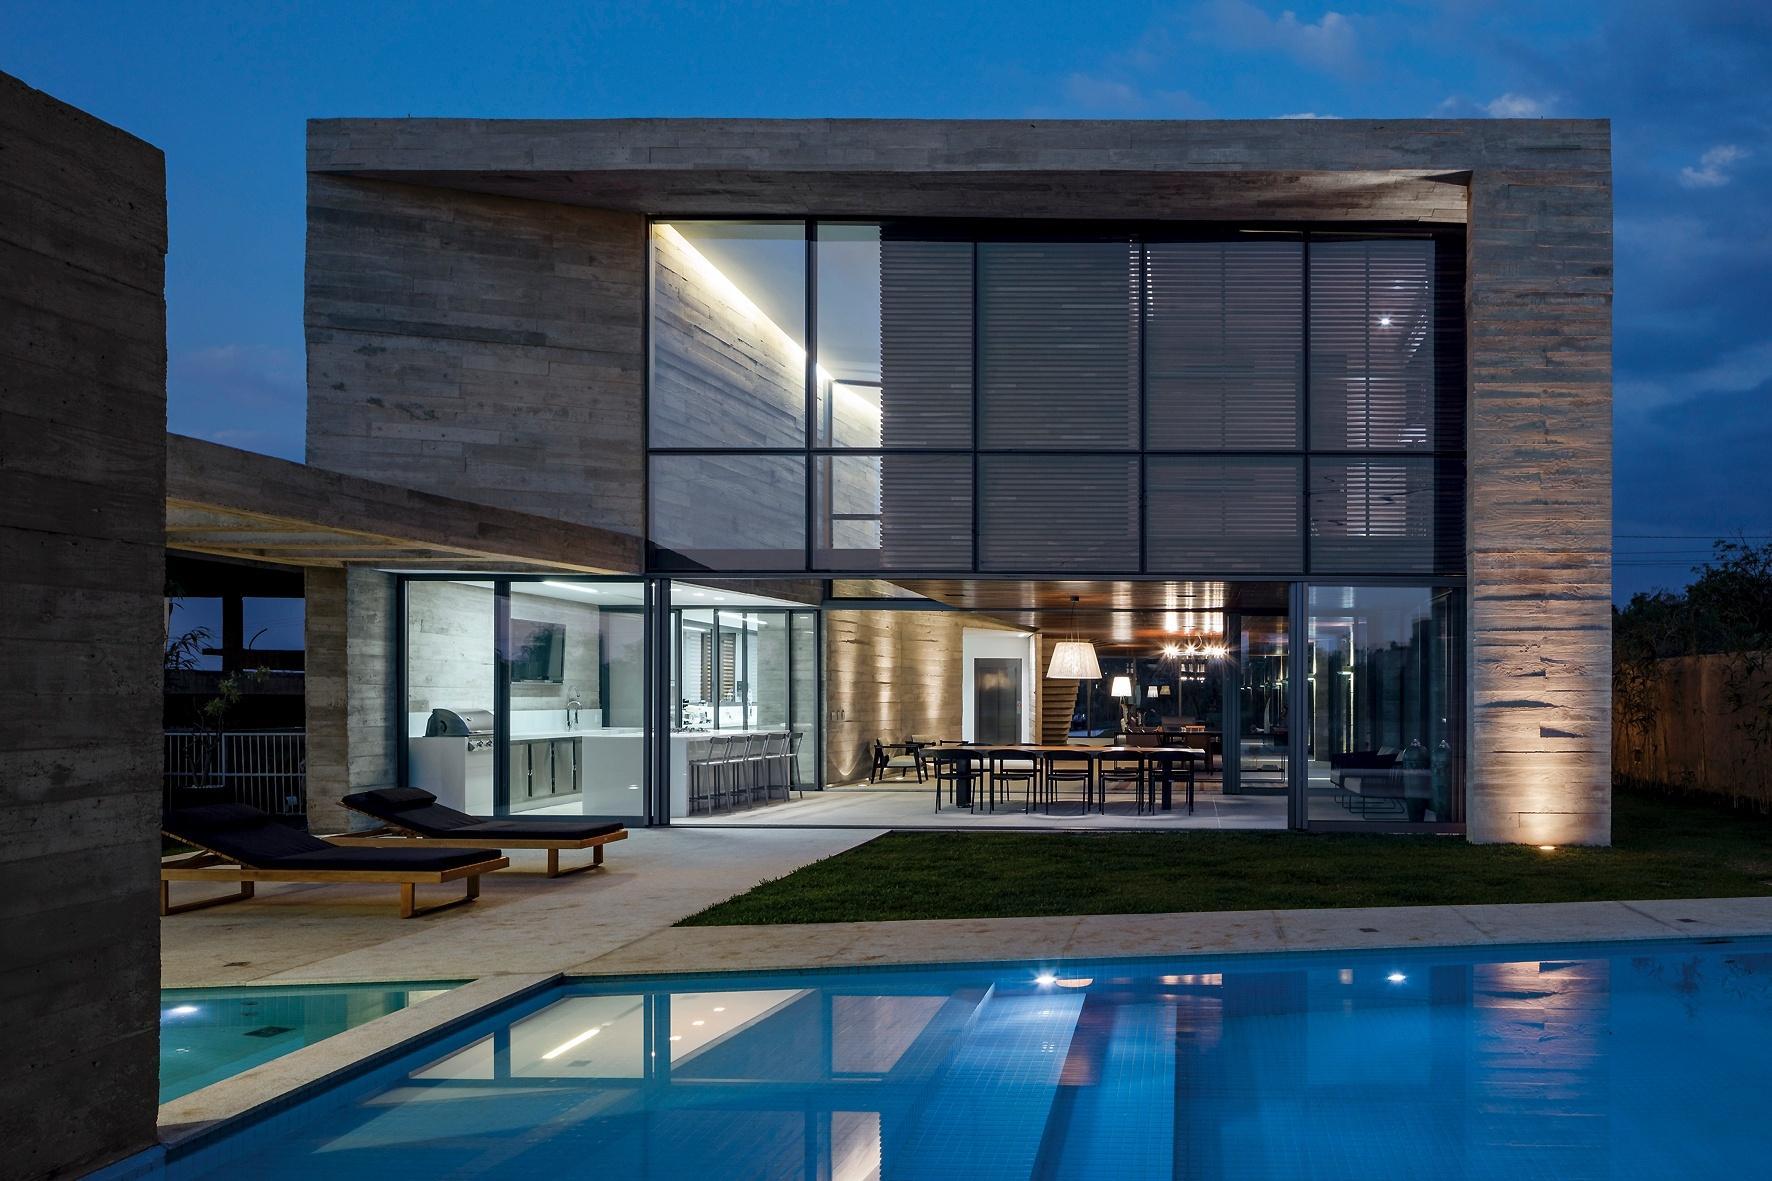 Toda iluminada à noite, a Casa Braga chama atenção pela total transparência viabilizada pelo uso intenso do vidro e pela concepção arquitetônica desenvolvida por Gustavo Penna, que optou por integrar todos os espaços sociais